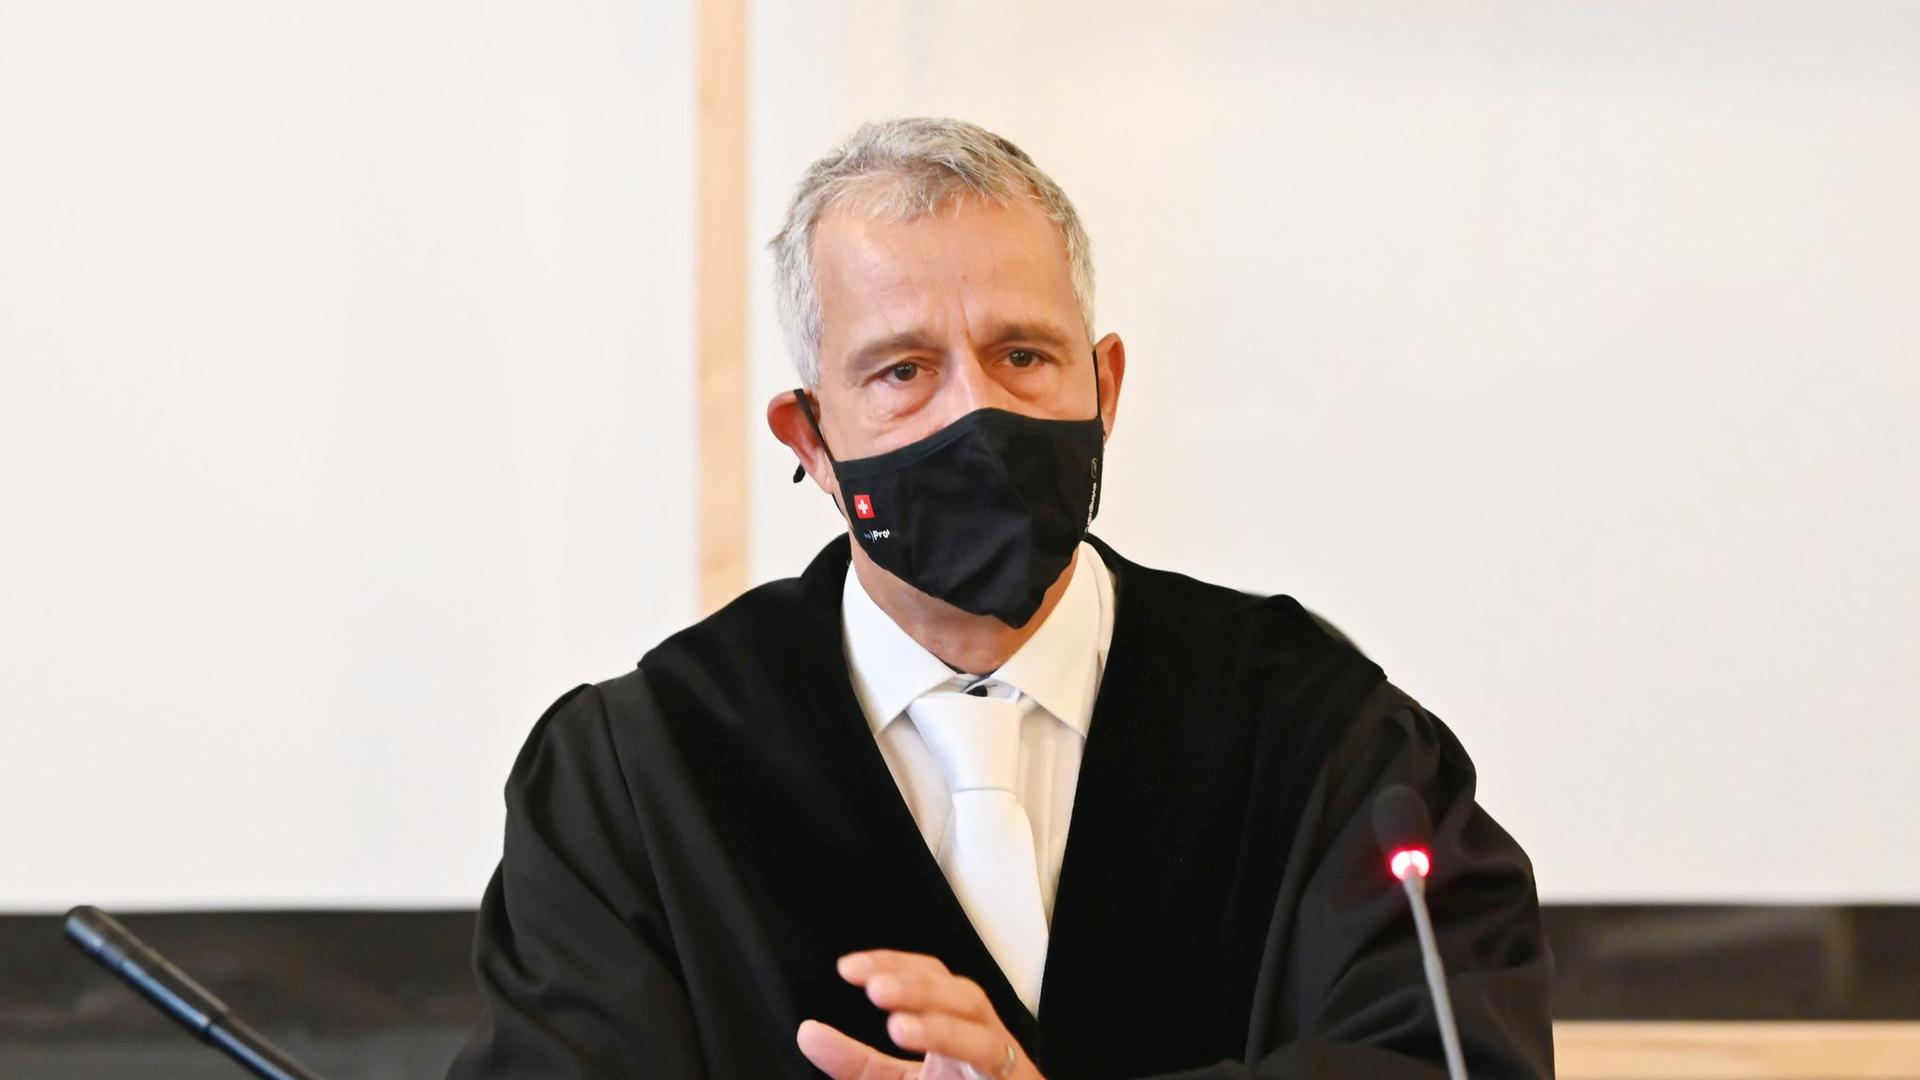 Der Vorsitzende Richter Fernando Sanchez-Hermosilla eröffnet den Prozess.